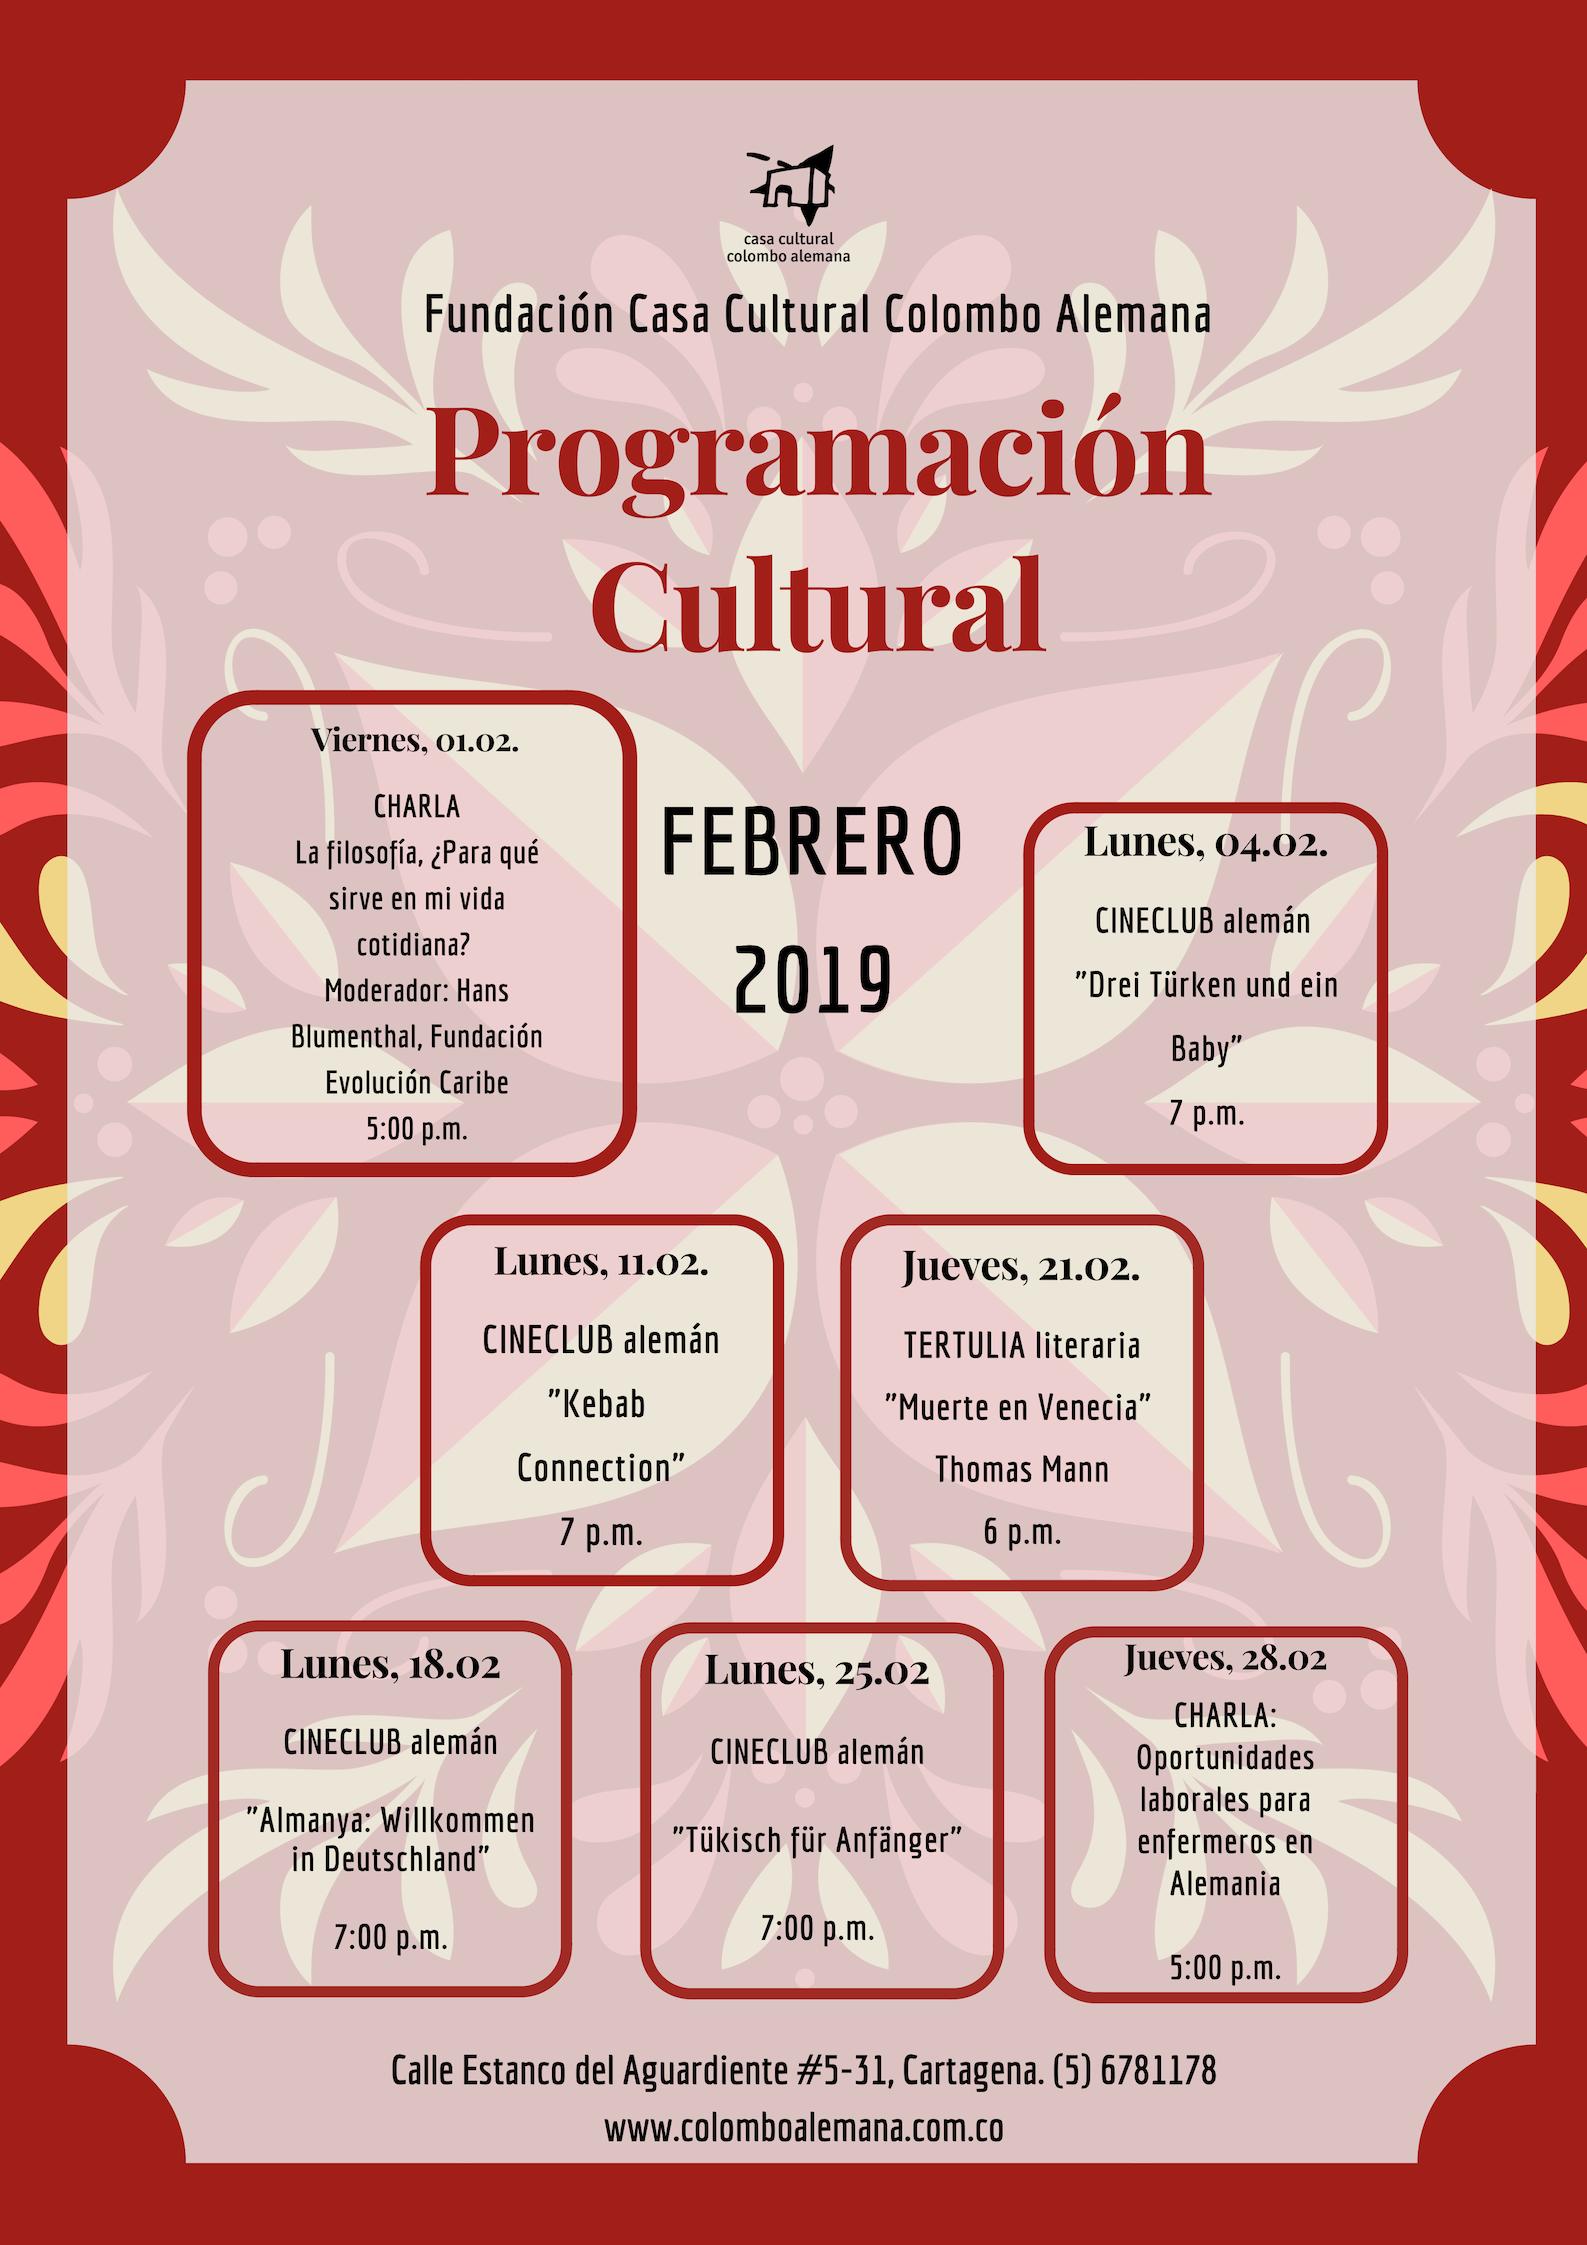 02_Programación Cultural Febrero 2019 actualizada.